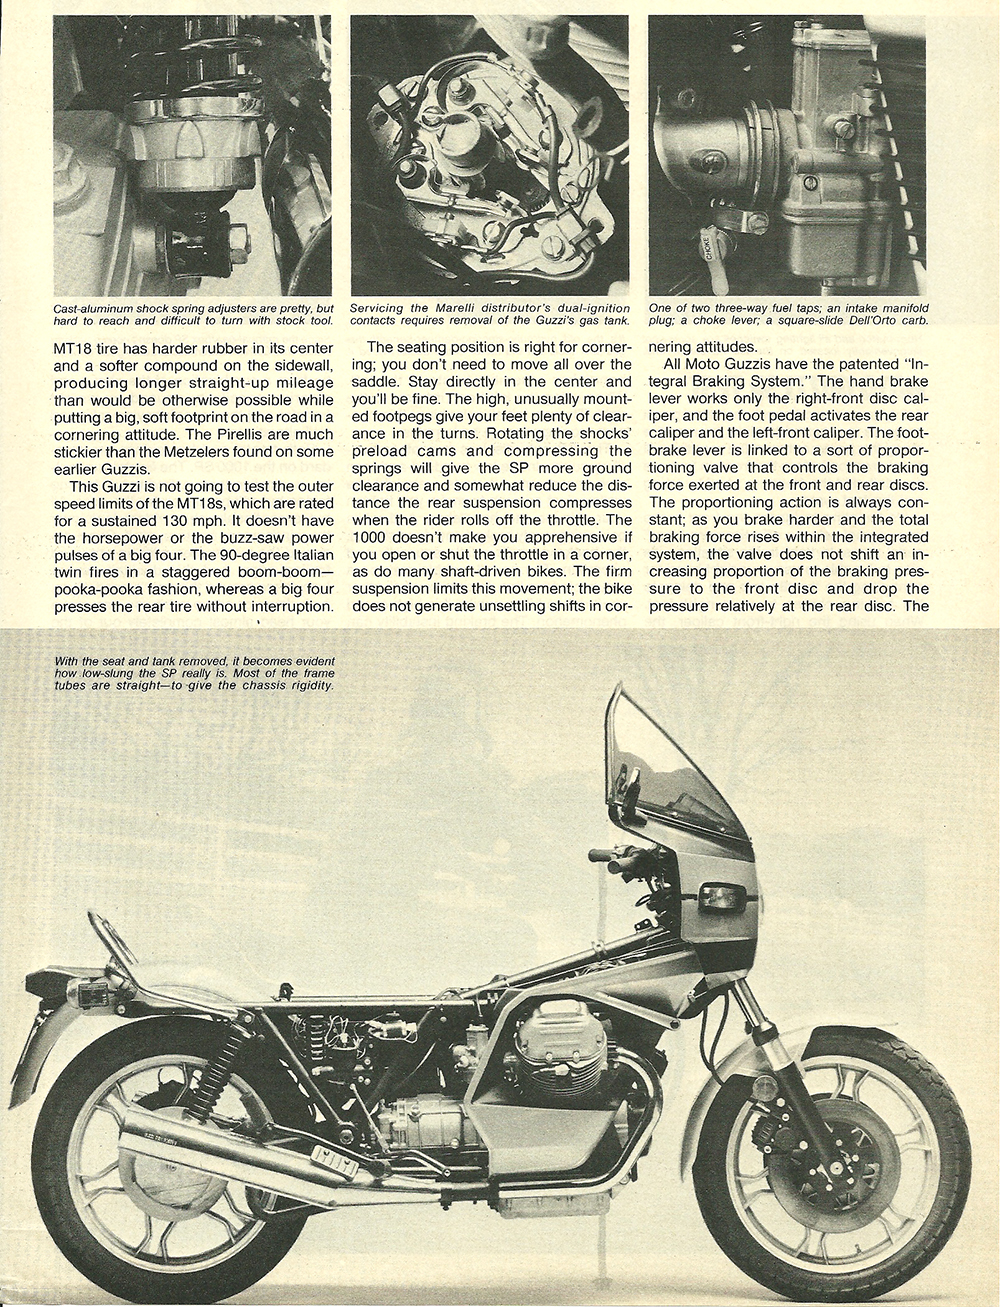 1979 Moto Guzzi 1000 SP road test 06.jpg